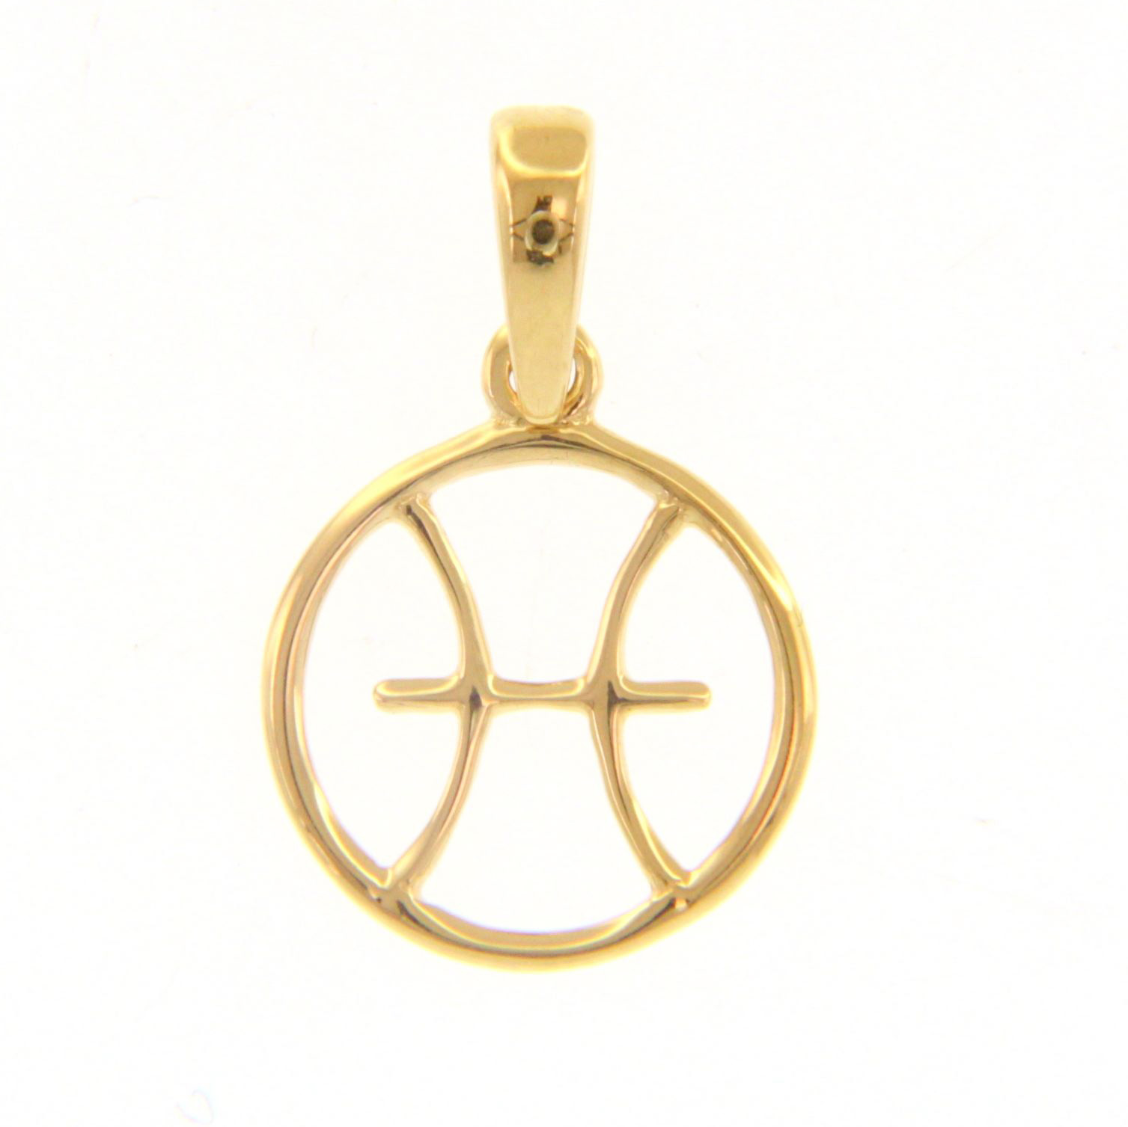 Ciondolo segno zodiacale Pesci in oro giallo stilizzato